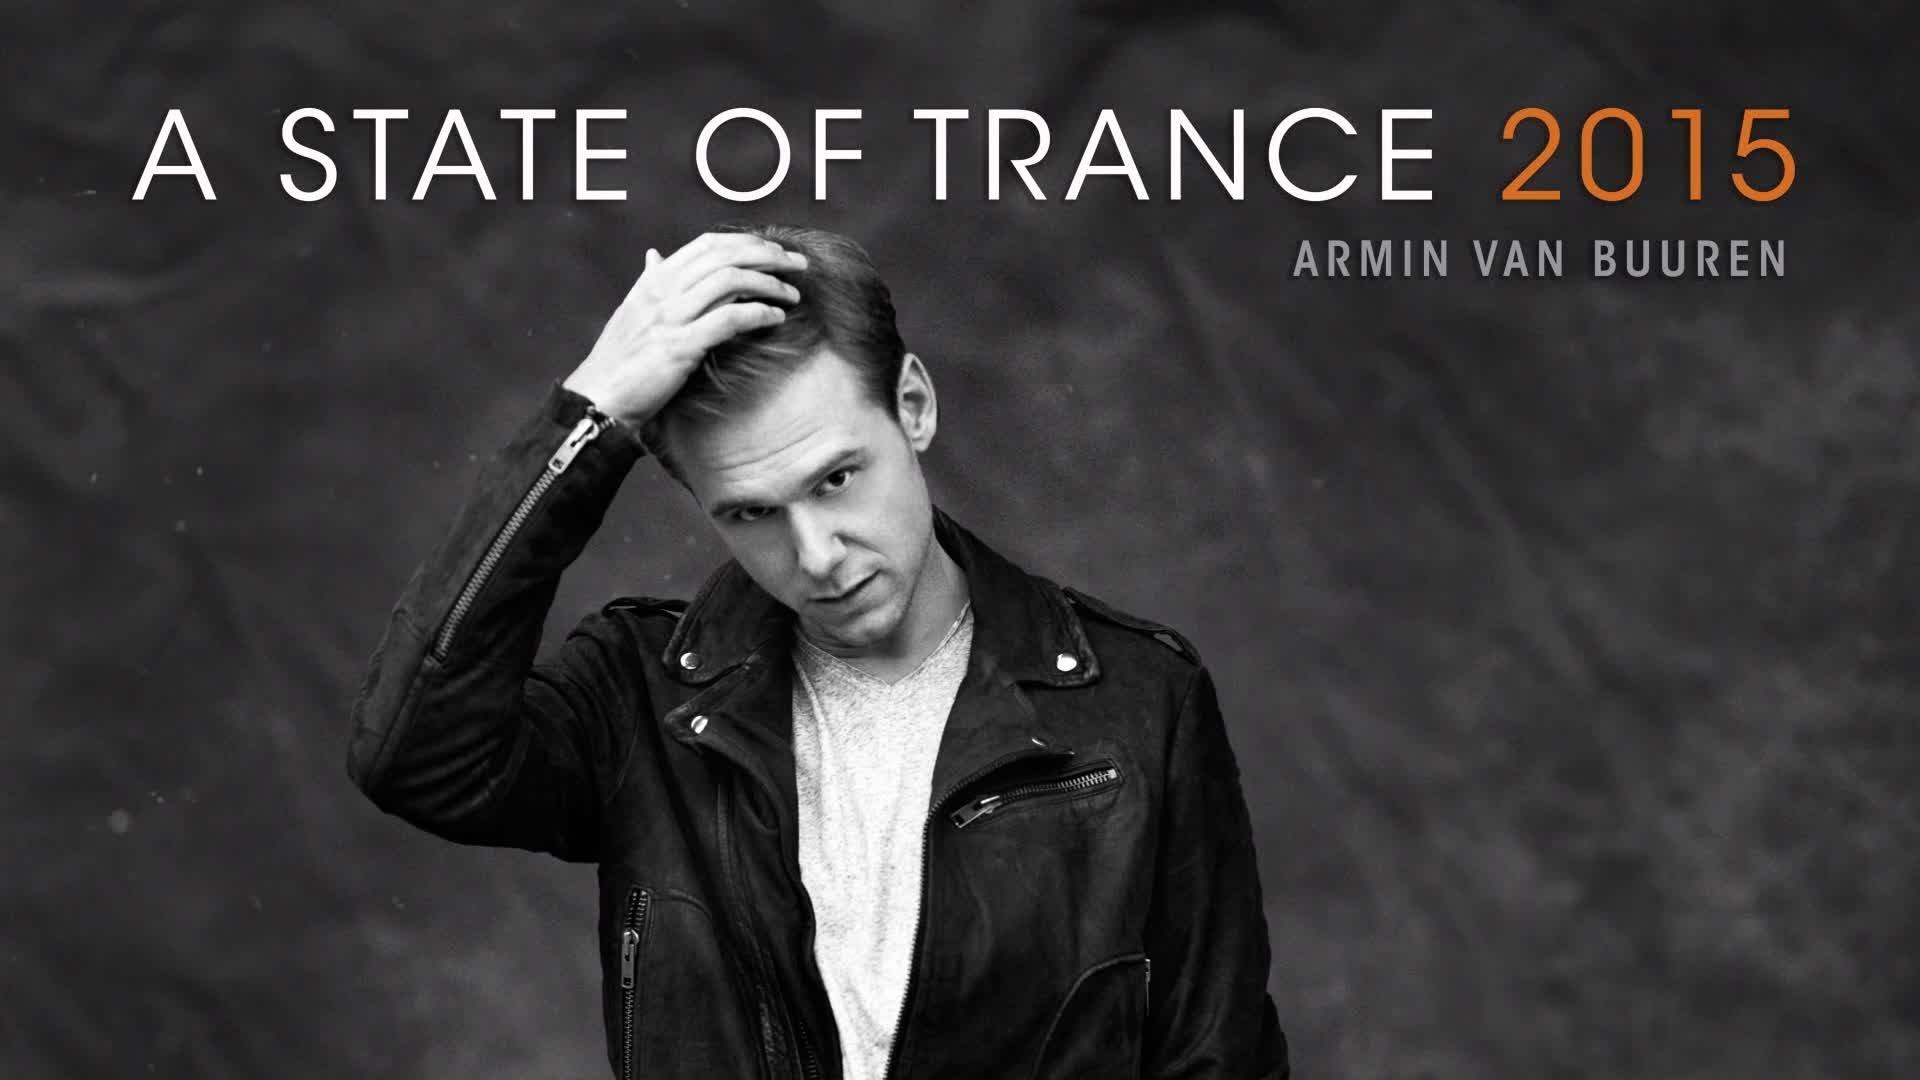 Armin Van Buuren A State Of Trance 2014   wallpaper 1920x1080